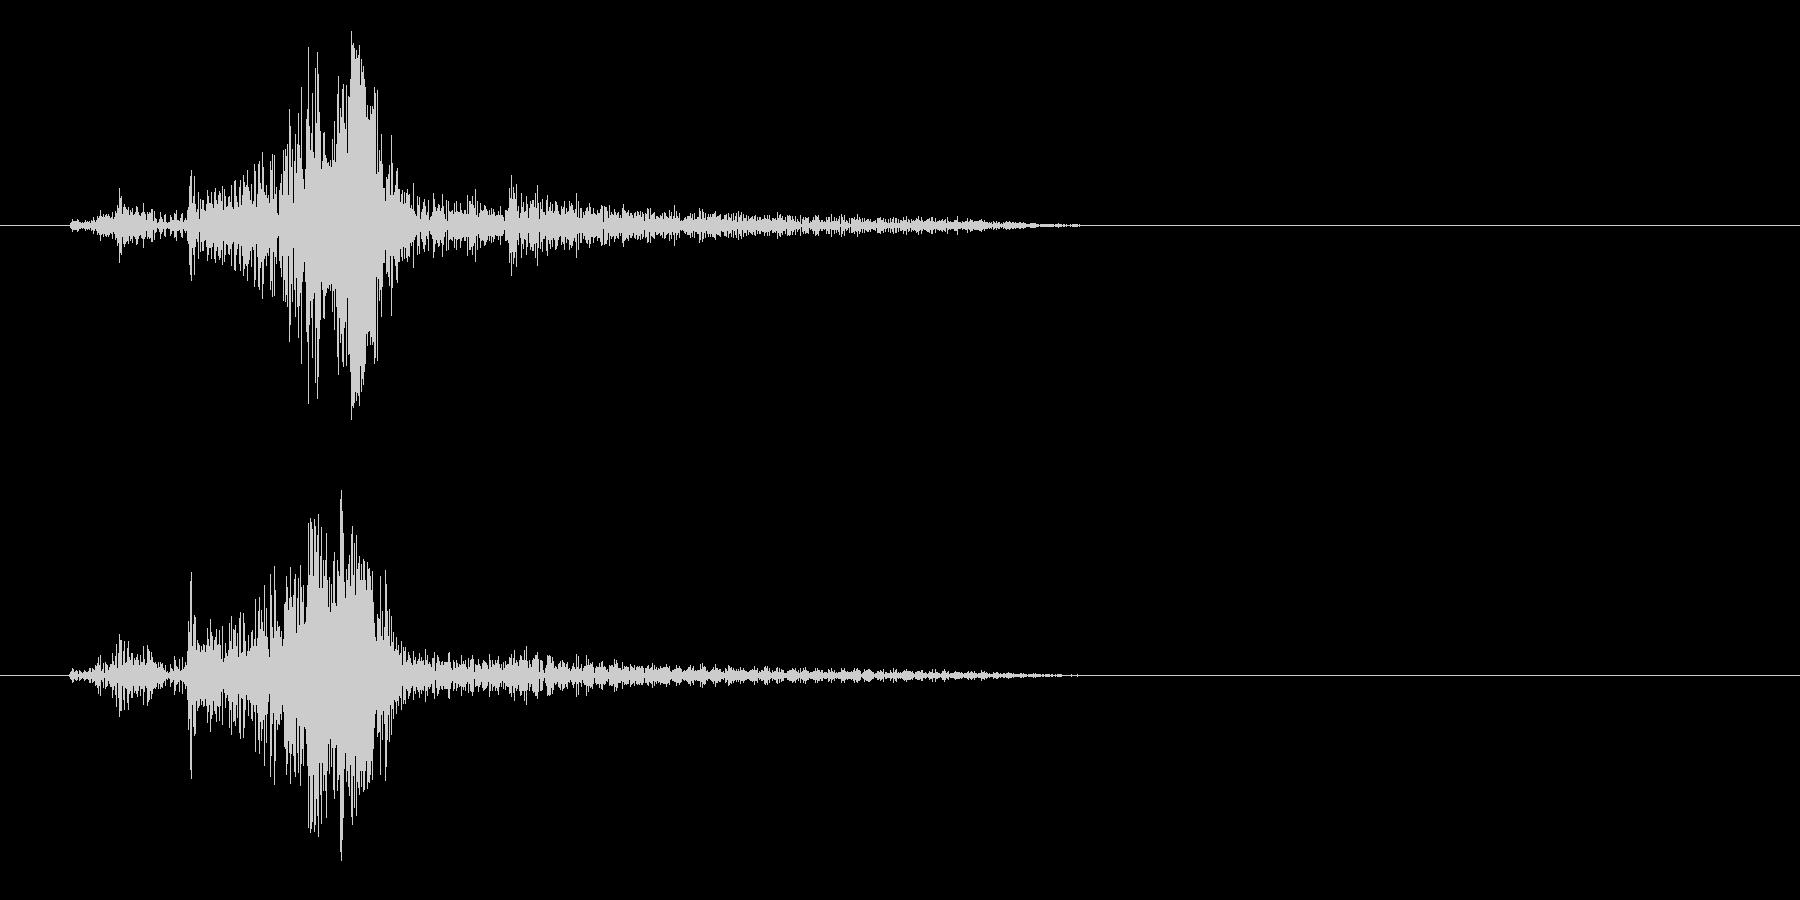 ライターこする音(金属)の未再生の波形